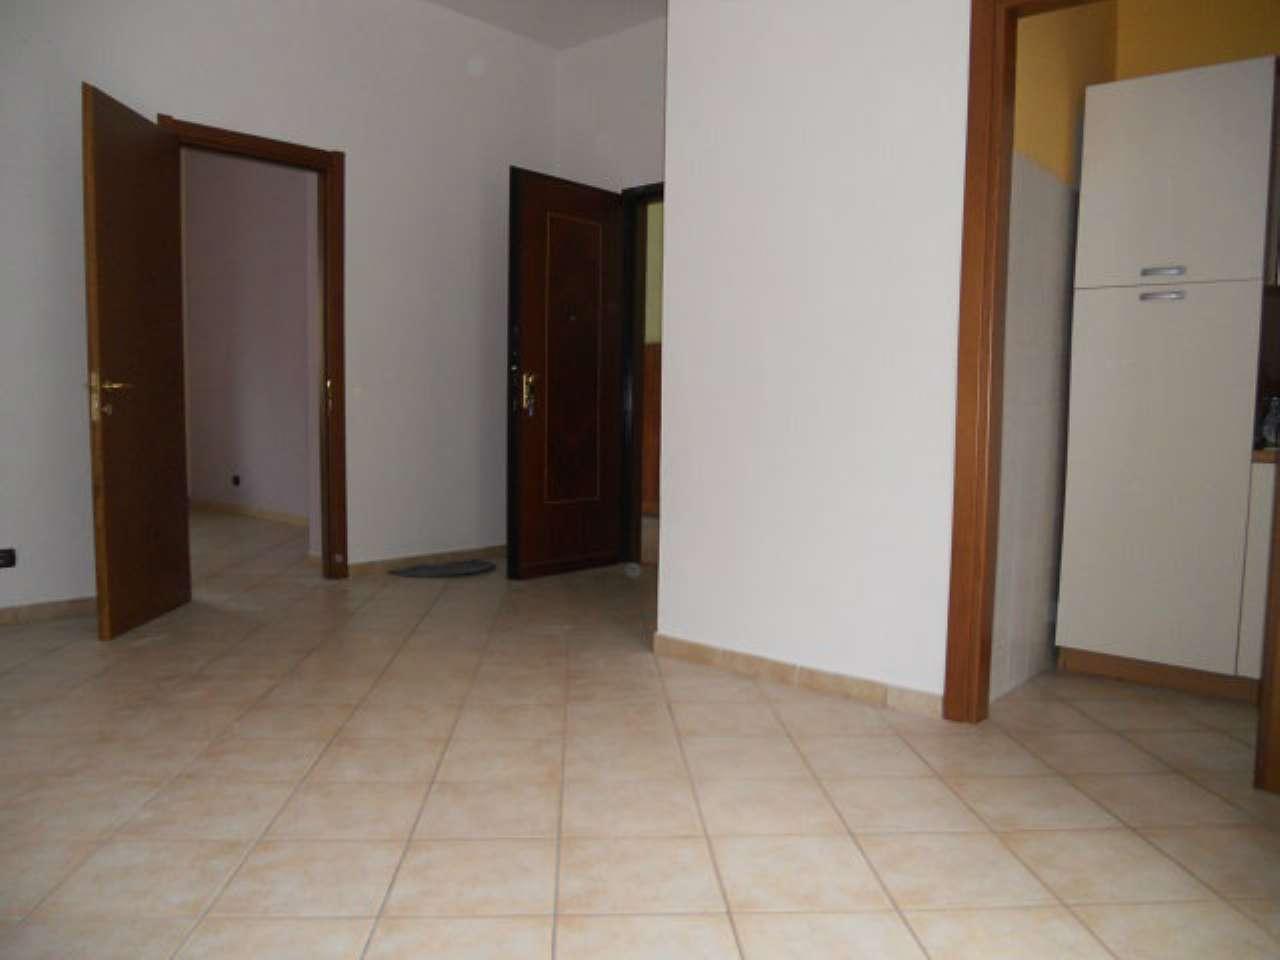 Appartamento in vendita a Sant'Antonino di Susa, 20 locali, prezzo € 48.000 | CambioCasa.it